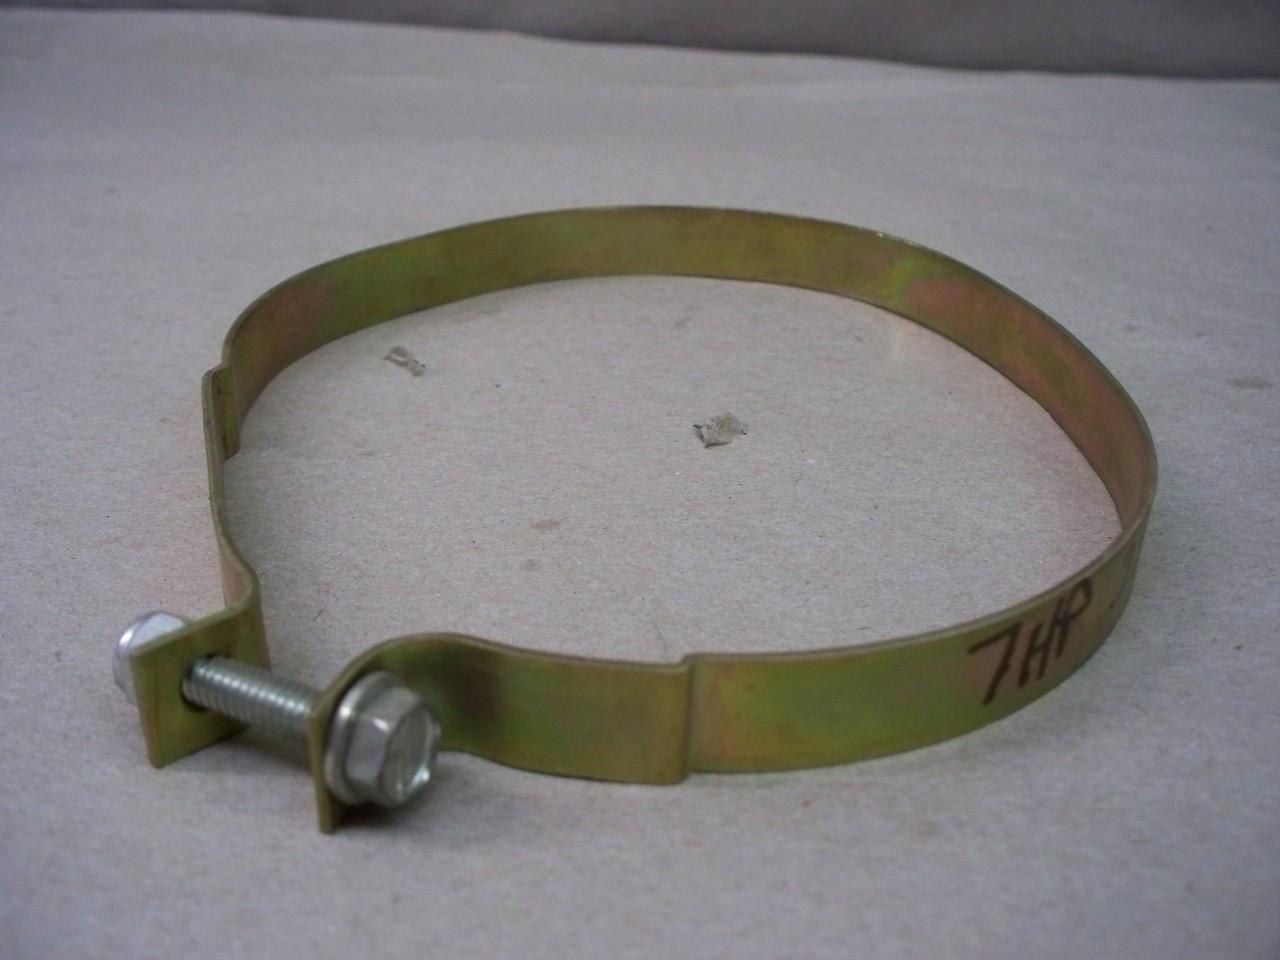 NOS Kohler engine gas tank strap / K161 / KH-A-234167